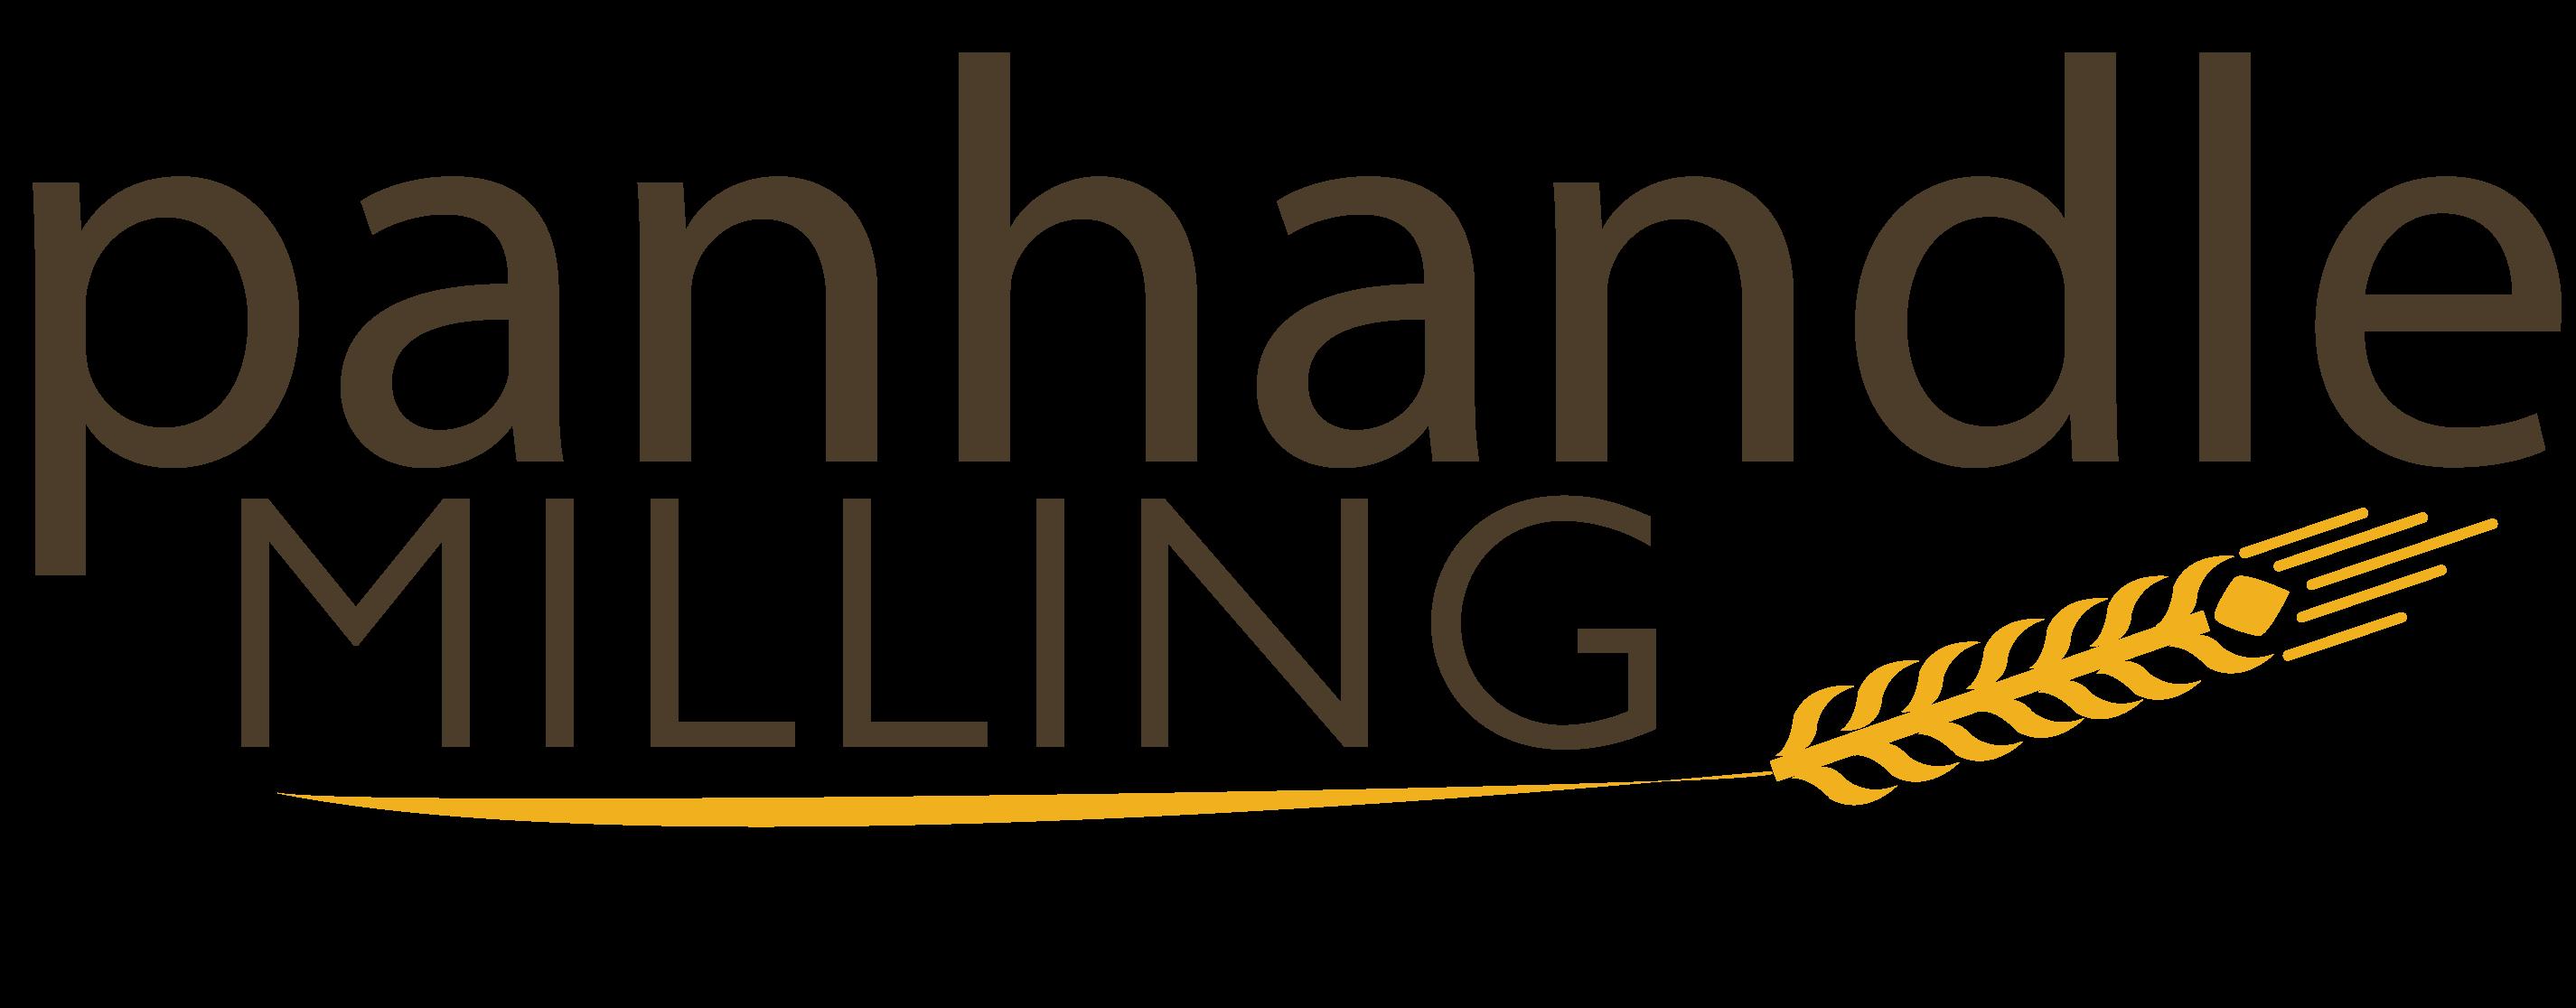 Panhandle-MIlling-Large